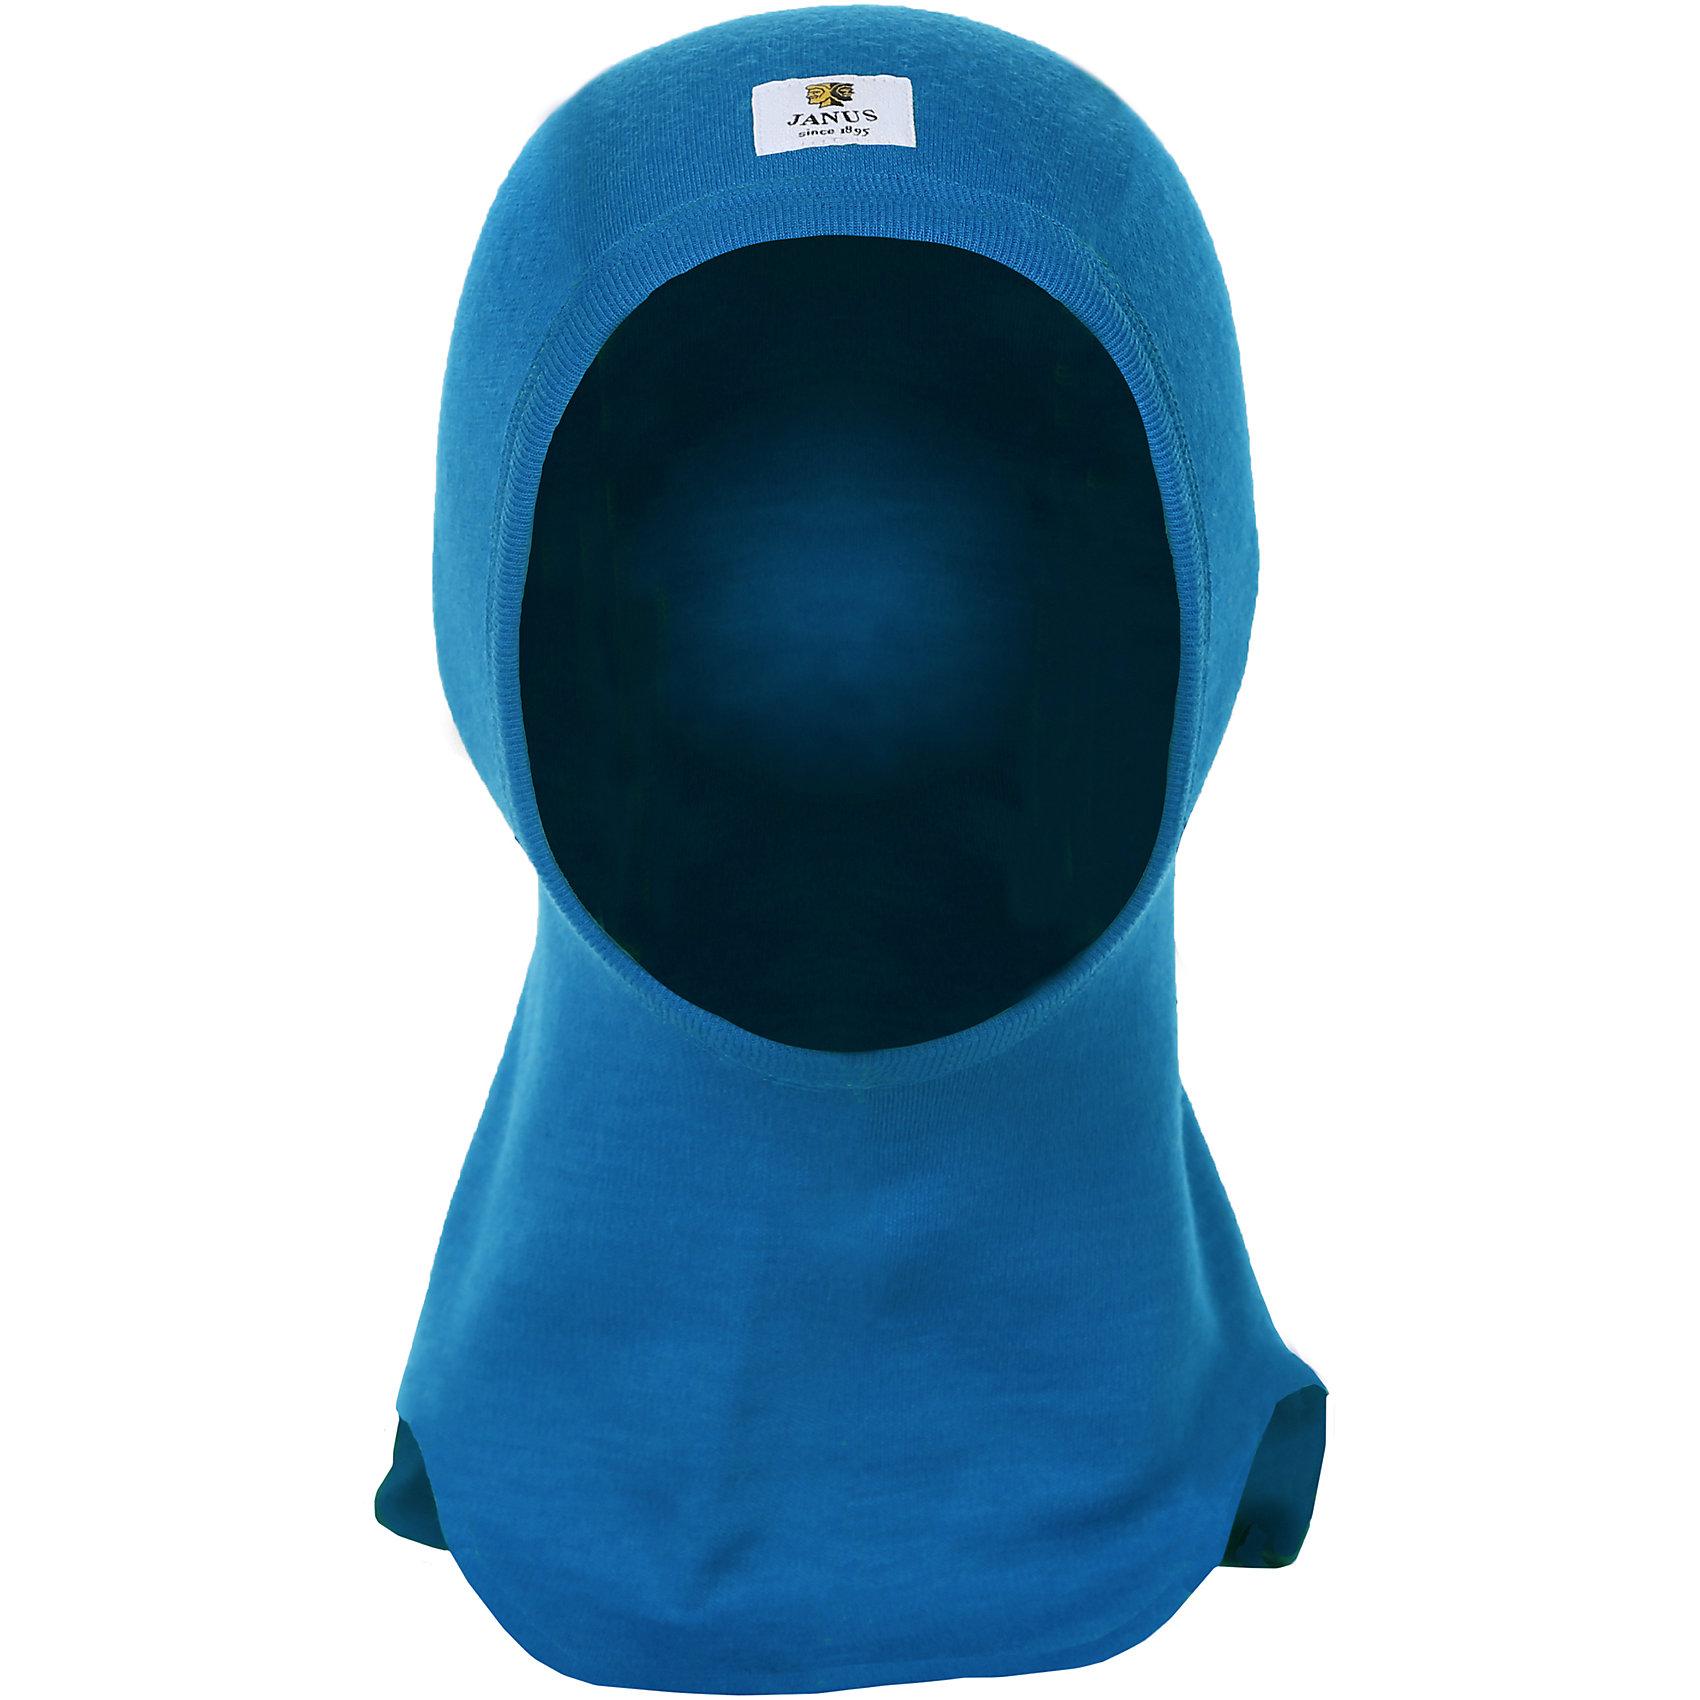 Шлем для мальчика JanusФлис и термобелье<br>Шлем для мальчика известной марки Janus.<br><br>Тонкий шлем-балаклава из 100% шерсти мериноса, который поддевается под все виды осенней и зимней одежды. Выполненный из целебной шерсти овец мериносов, он будет не только сохранять тепло, но оказывать лечебное воздействие на ушки и горло ребенка, которые часто подвергаются болезням в холодное время года.<br><br>Состав: 100% шерсть мериноса<br><br>Ширина мм: 89<br>Глубина мм: 117<br>Высота мм: 44<br>Вес г: 155<br>Цвет: бордовый<br>Возраст от месяцев: 48<br>Возраст до месяцев: 72<br>Пол: Мужской<br>Возраст: Детский<br>Размер: 51-53,53-55<br>SKU: 4913983